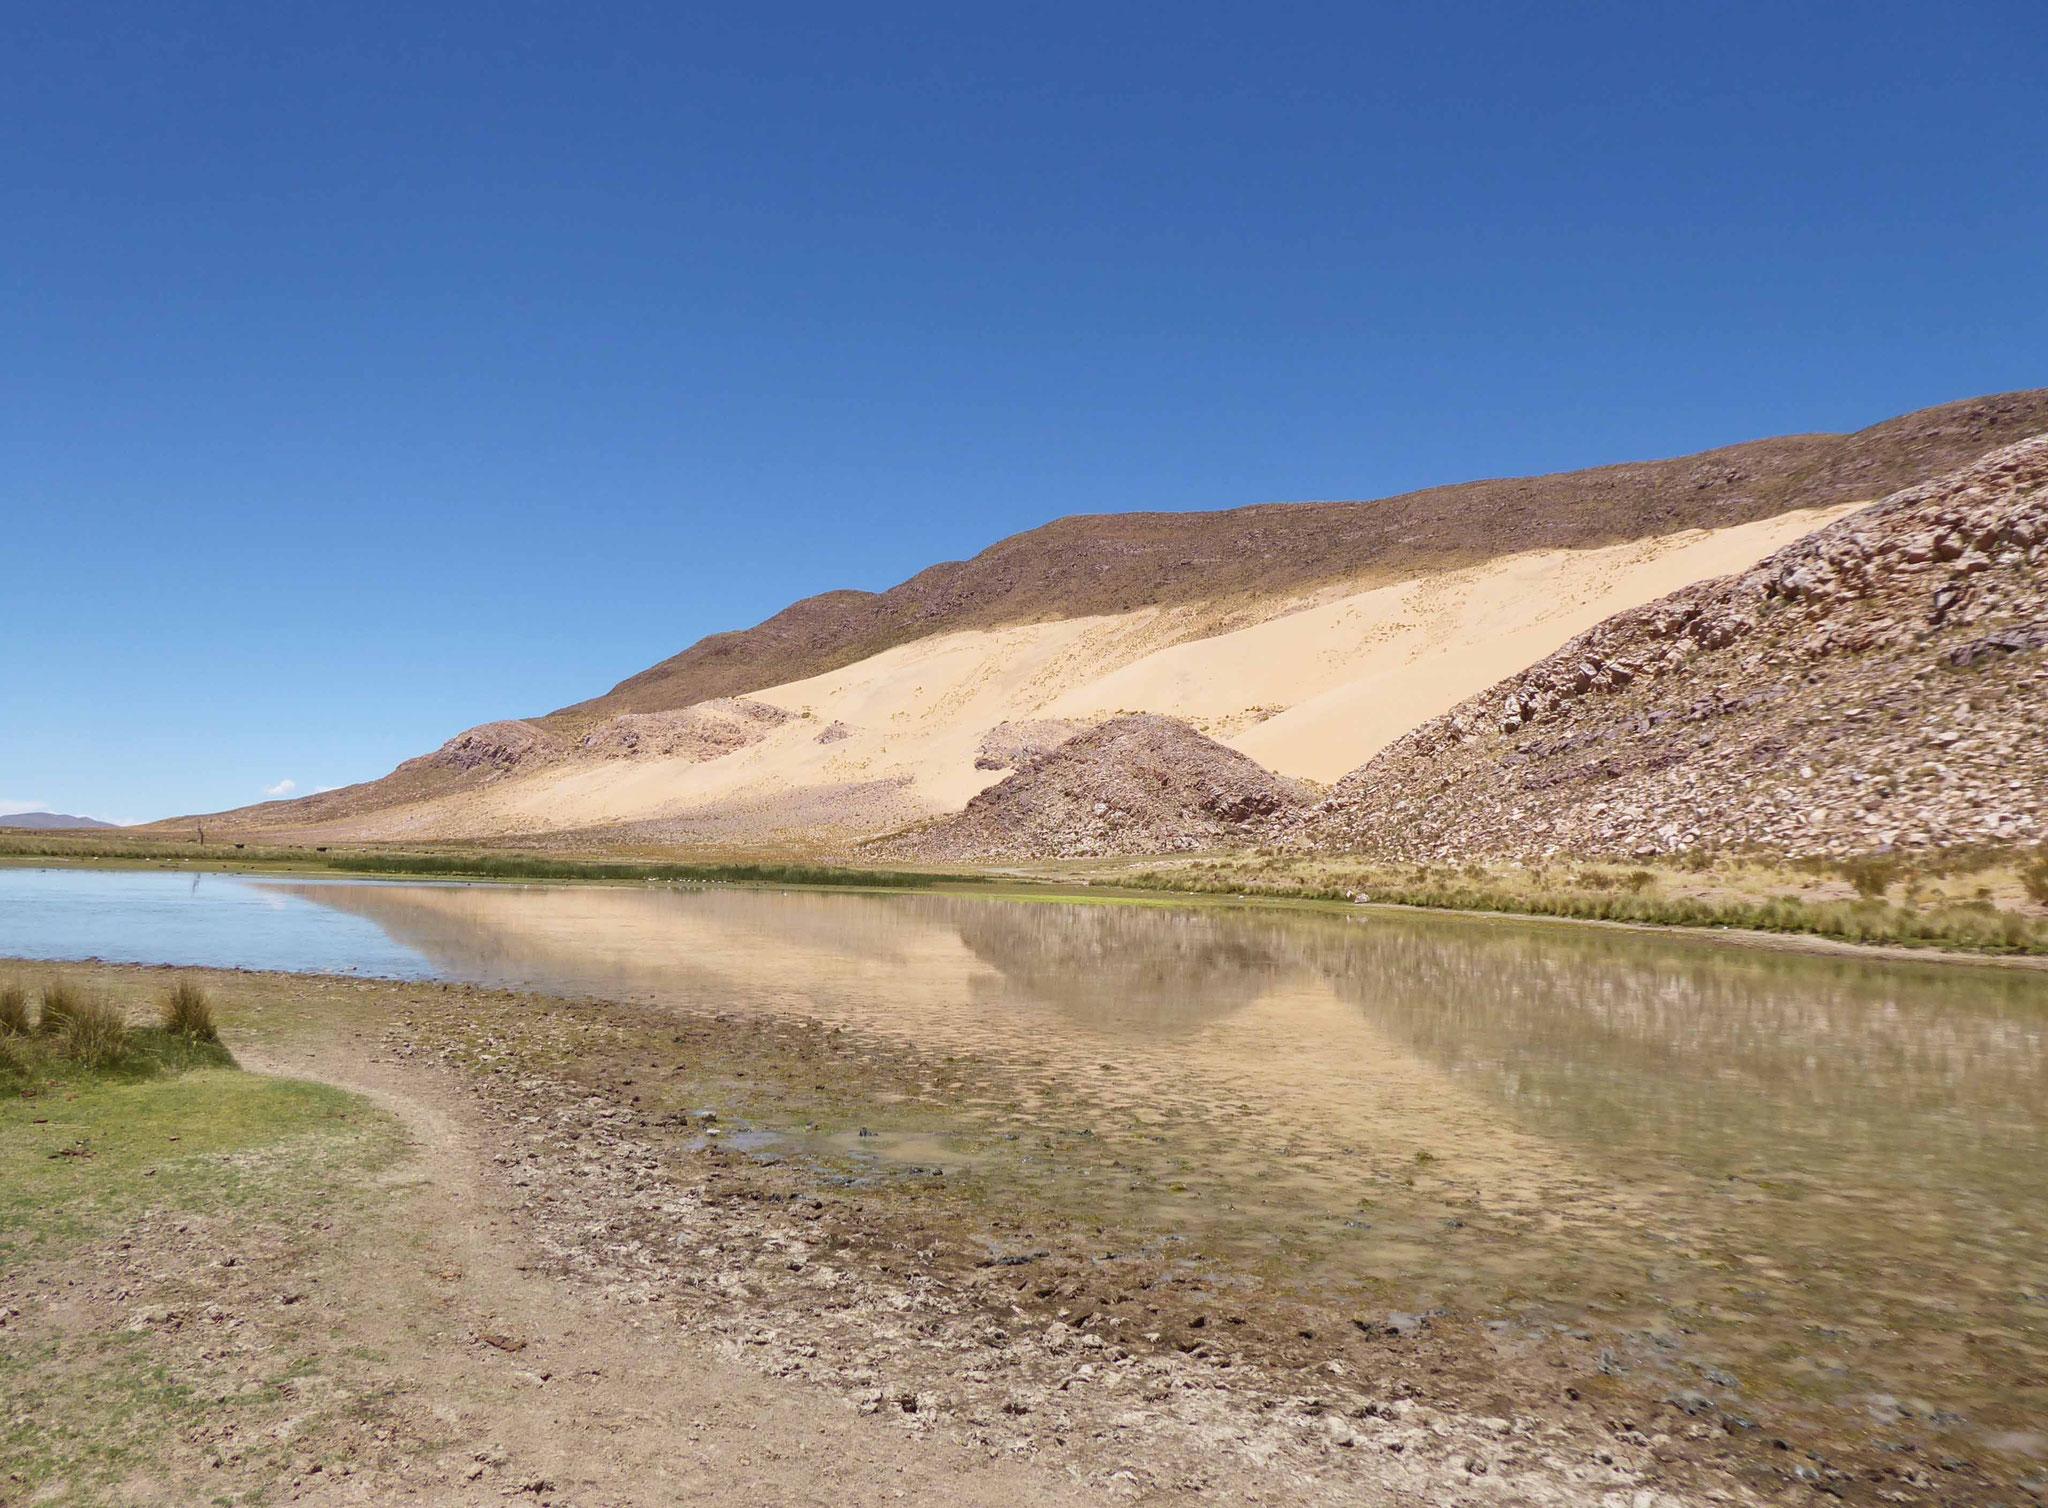 Mi banc d'Arguin, mi dune du Pilat... que nenni, la dune de Huancar...